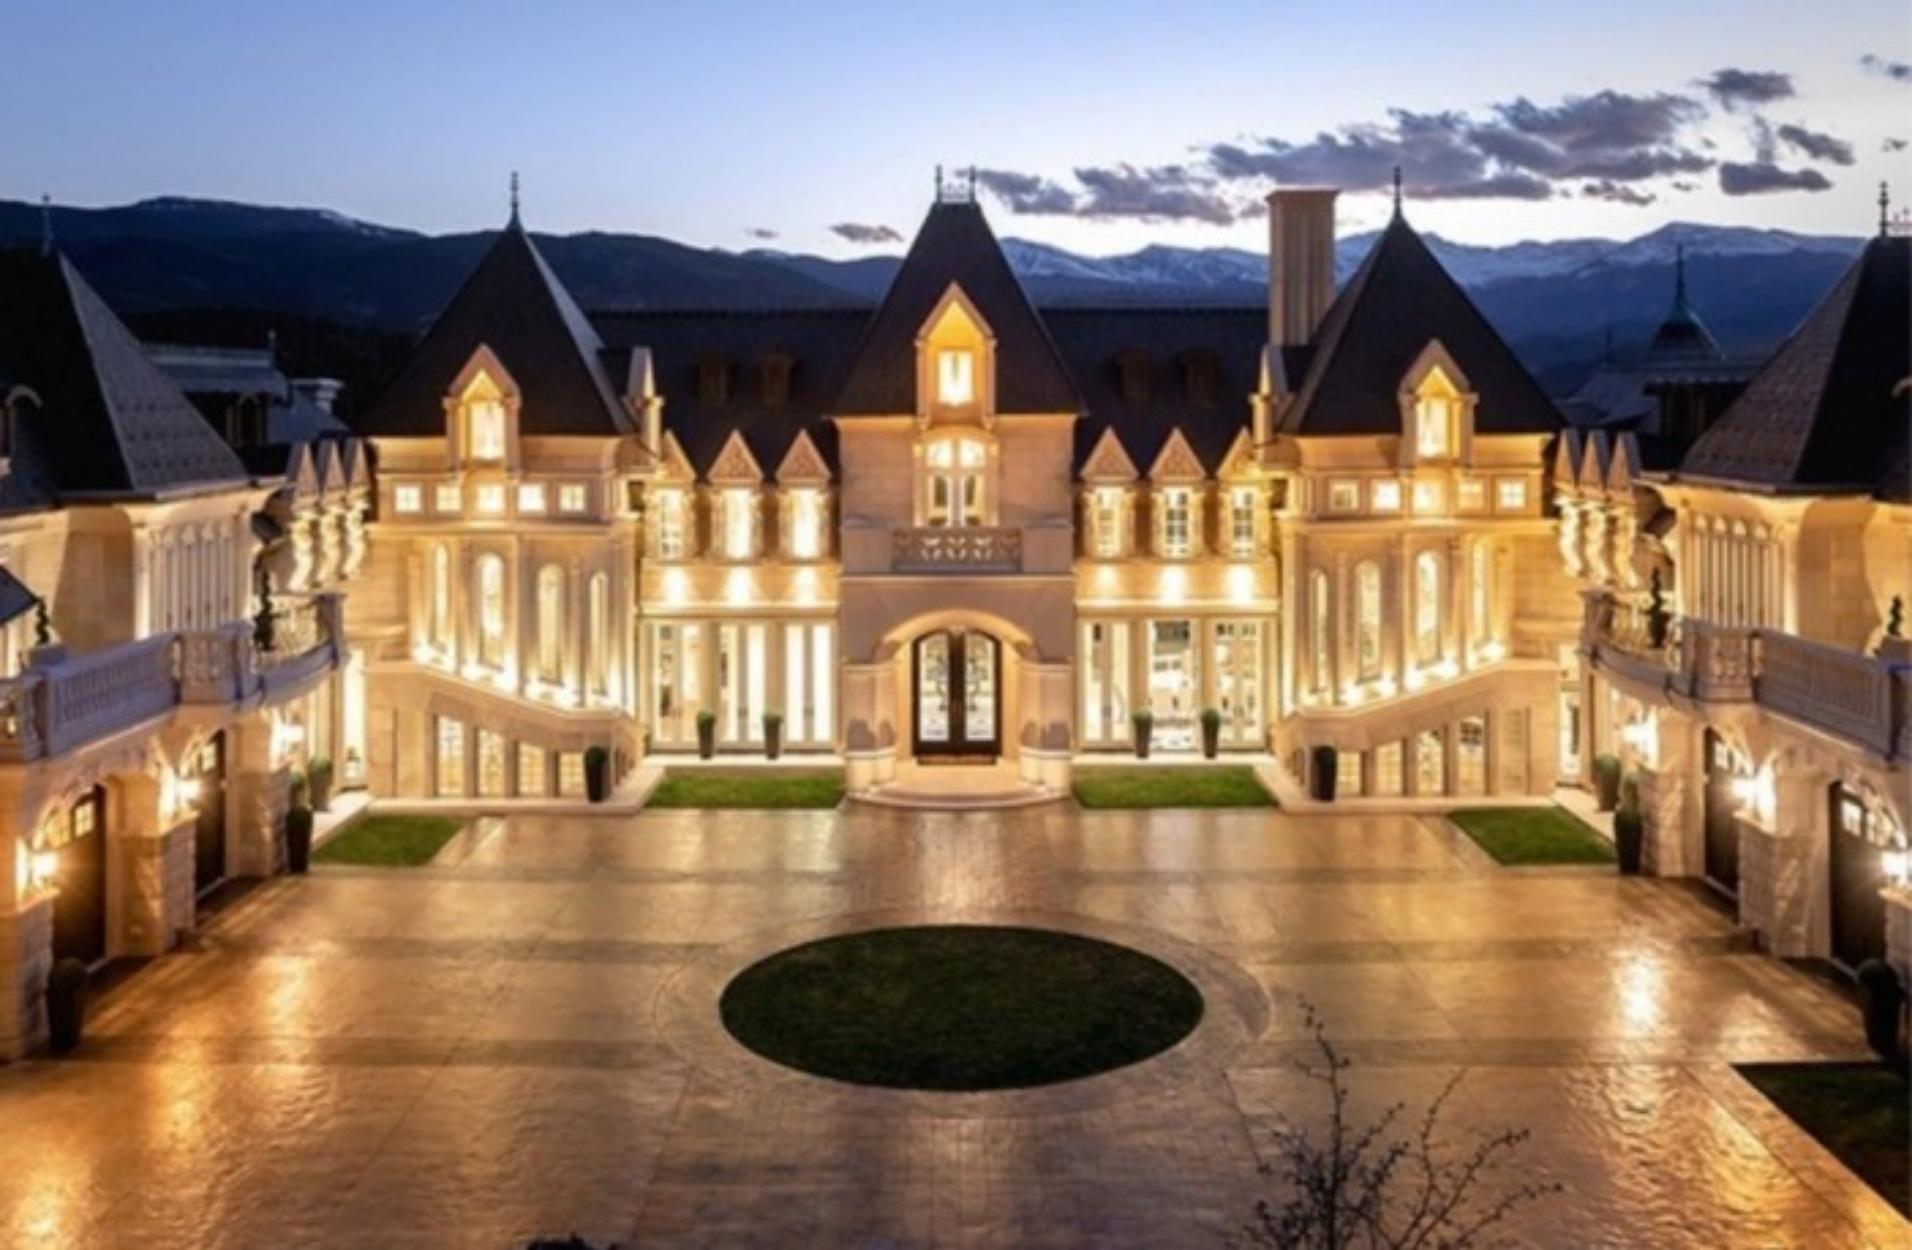 Chateau V: Ένα από τα πιο όμορφα ακίνητα στον κόσμο κοστίζει μόλις 12 εκατ. δολάρια